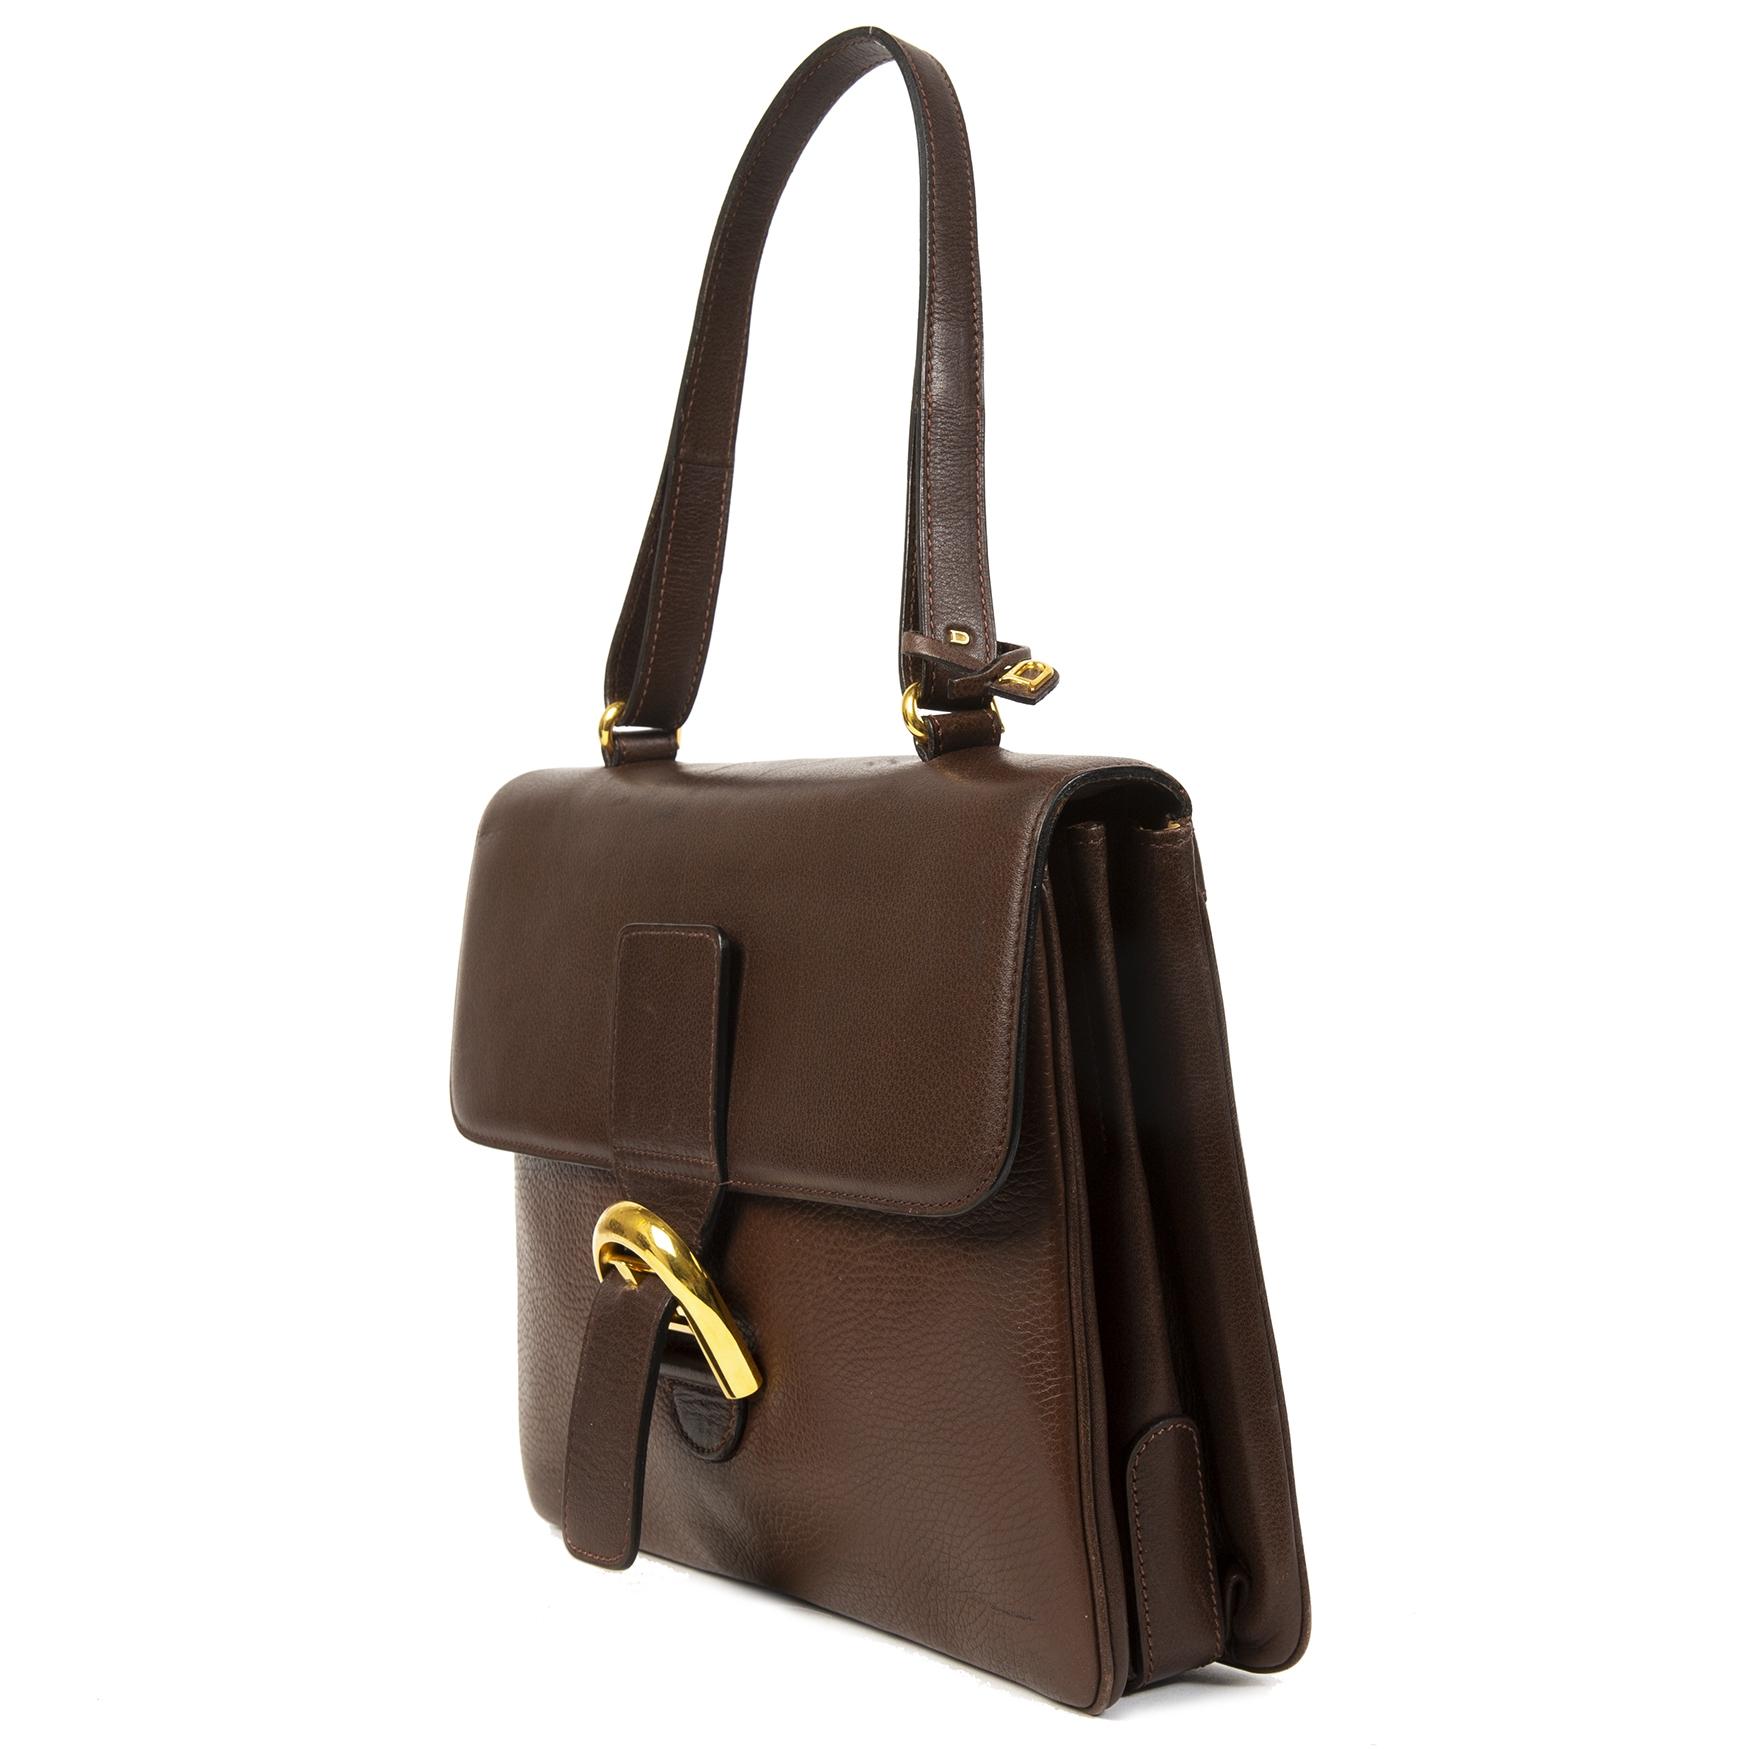 koop veilig online tegen de beste prijs Delvaux Brillant Brown Shoulder Bag